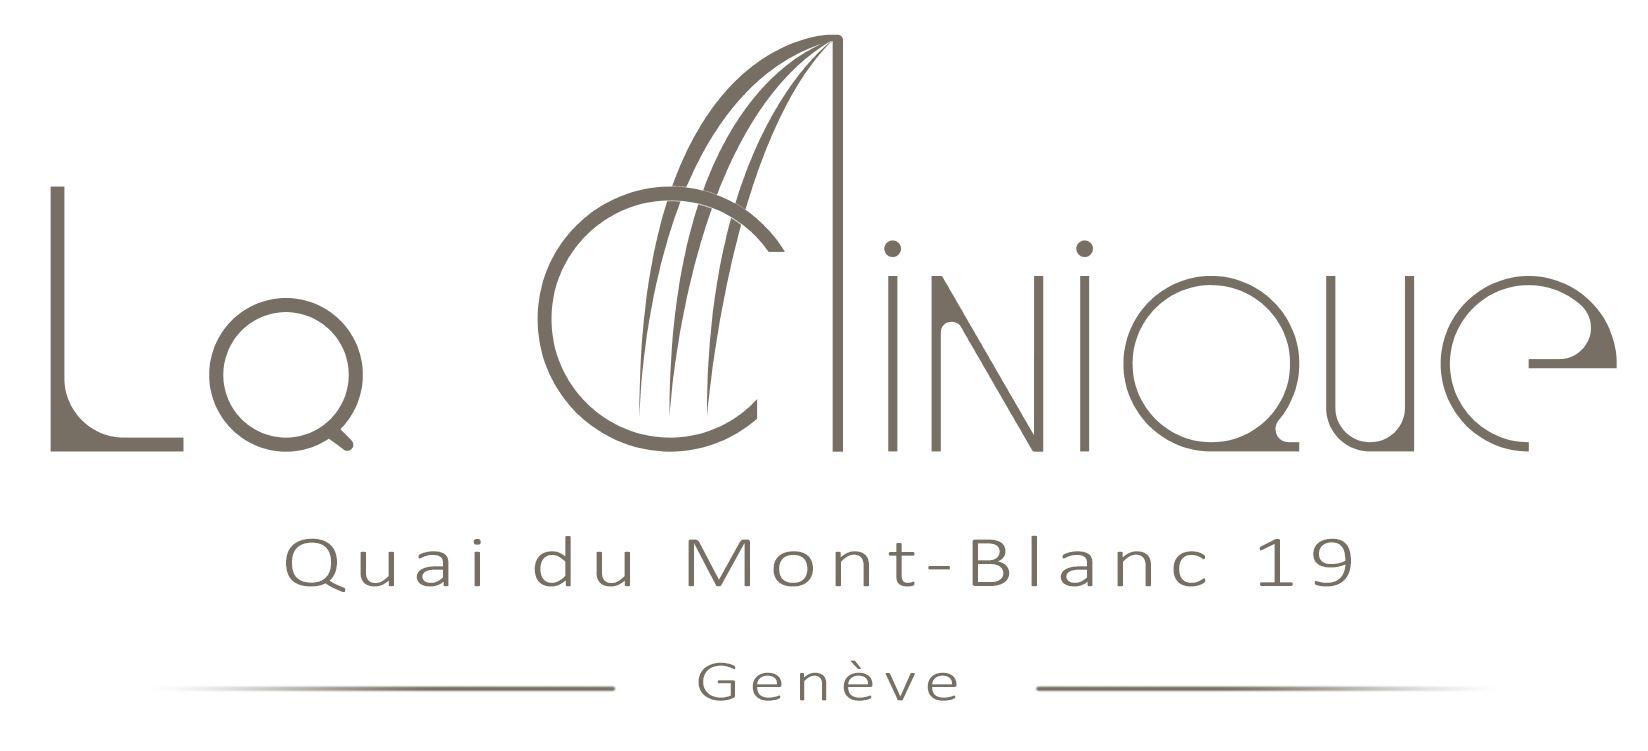 La Clinique